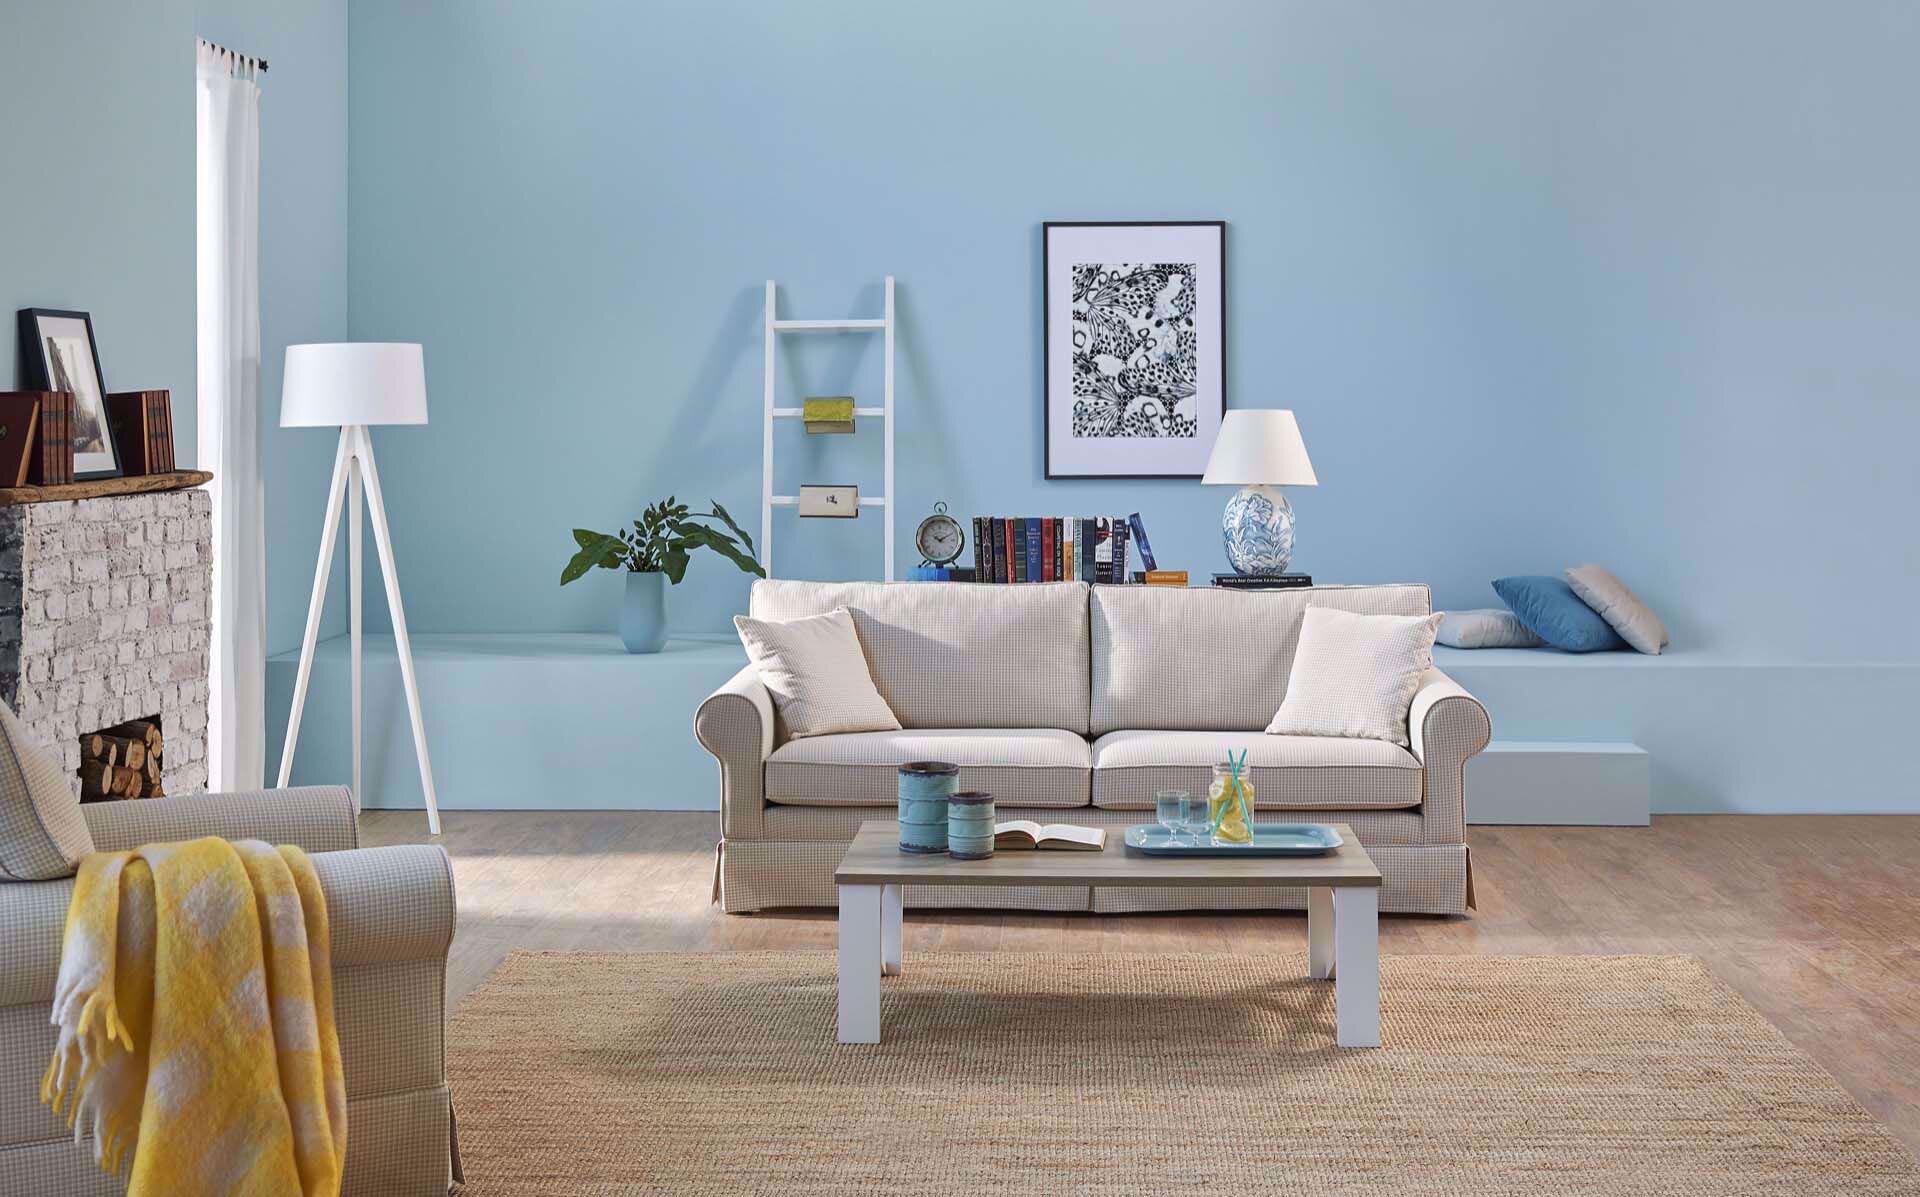 Lexia Three-Seat Sofa